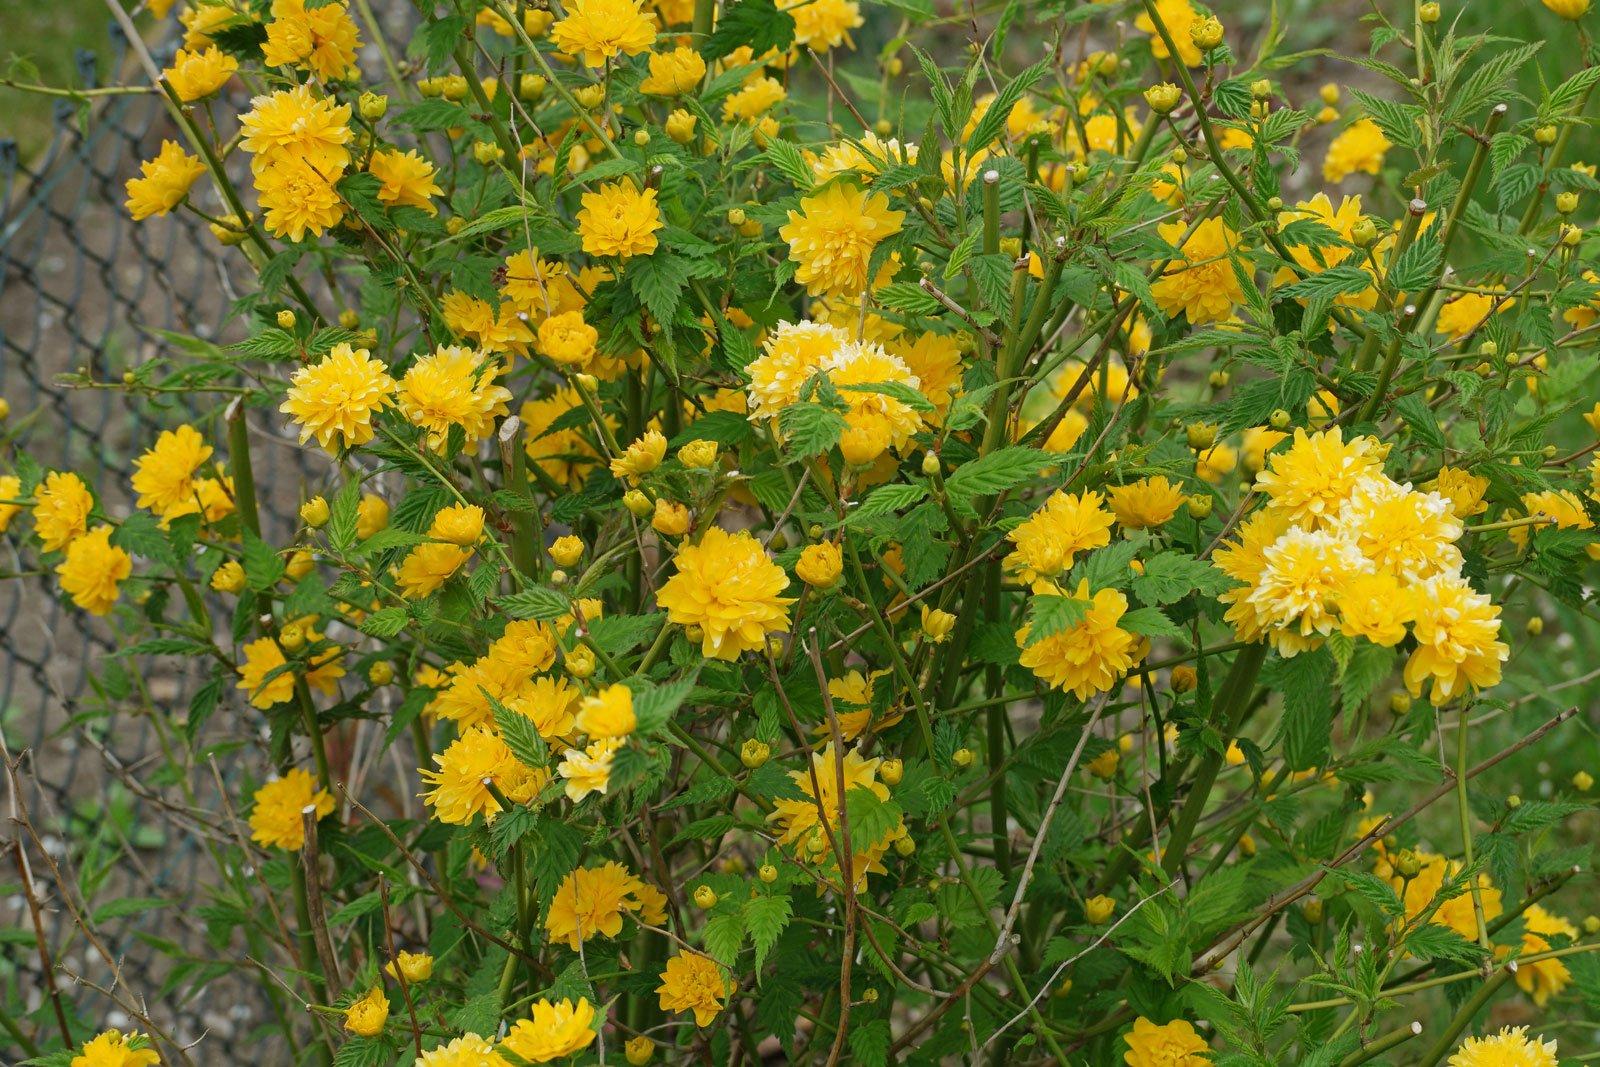 кустарник с желтыми цветами название и фото пара подробно